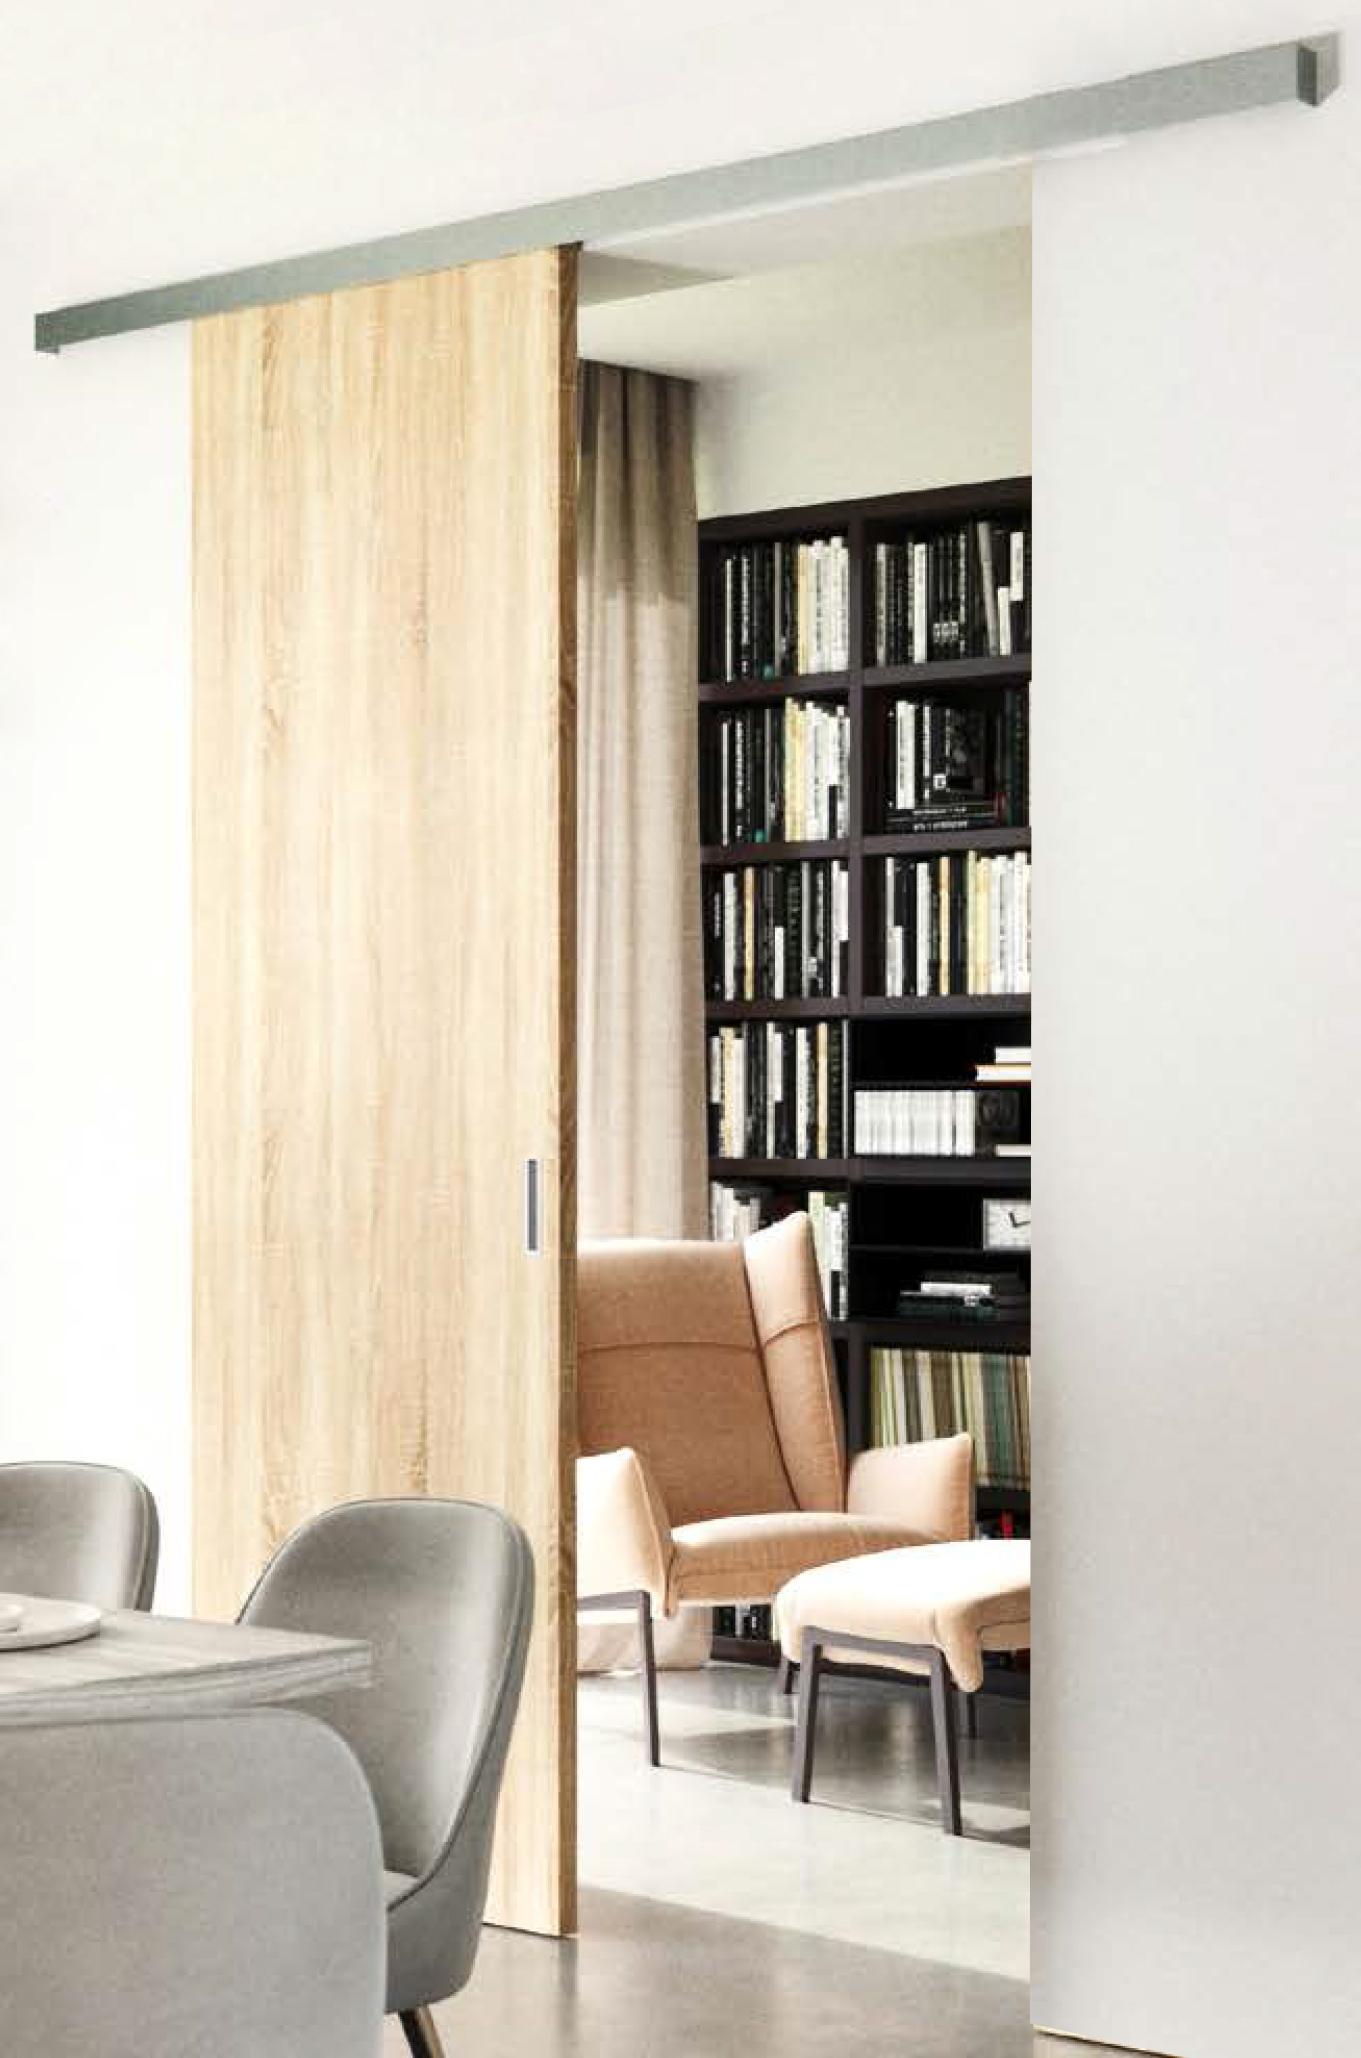 TRIX TRENDY pro dřevěné dveře - jednokřídlý posuv Šířka průchodu: 600 mm